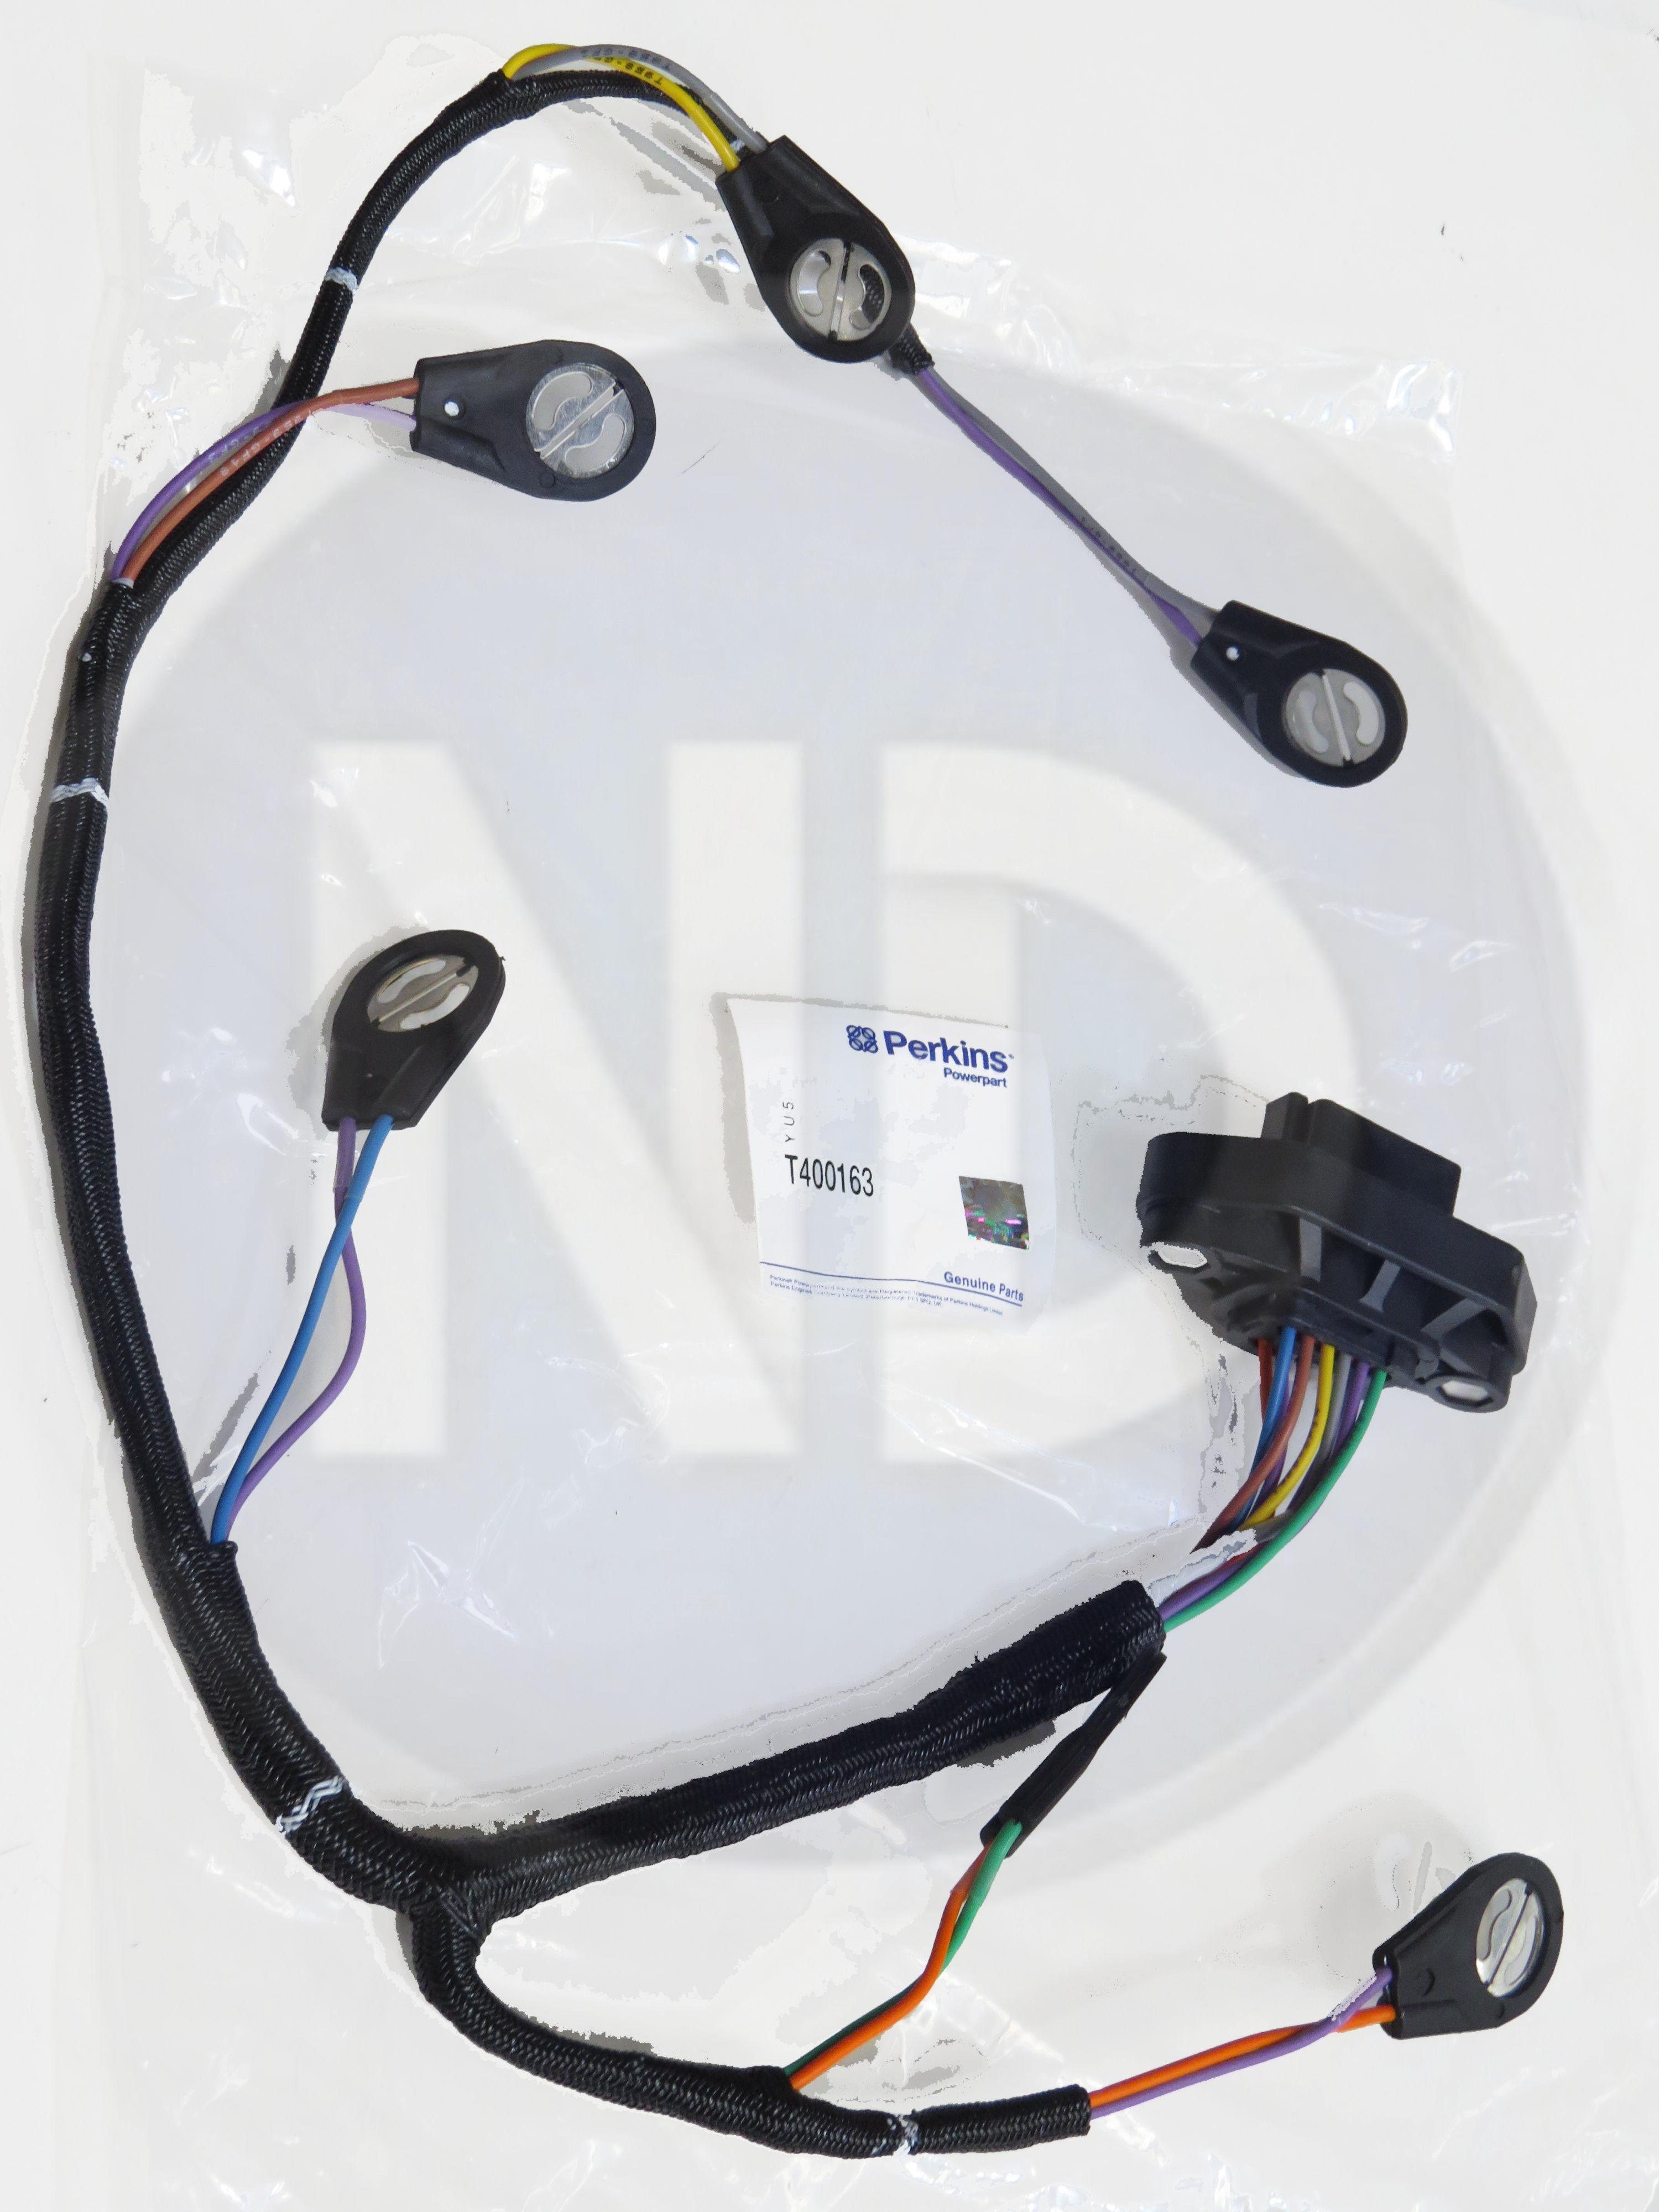 T400163 Perkins 2300 series Wiring Harness   Noordeman DieselNoordeman Diesel